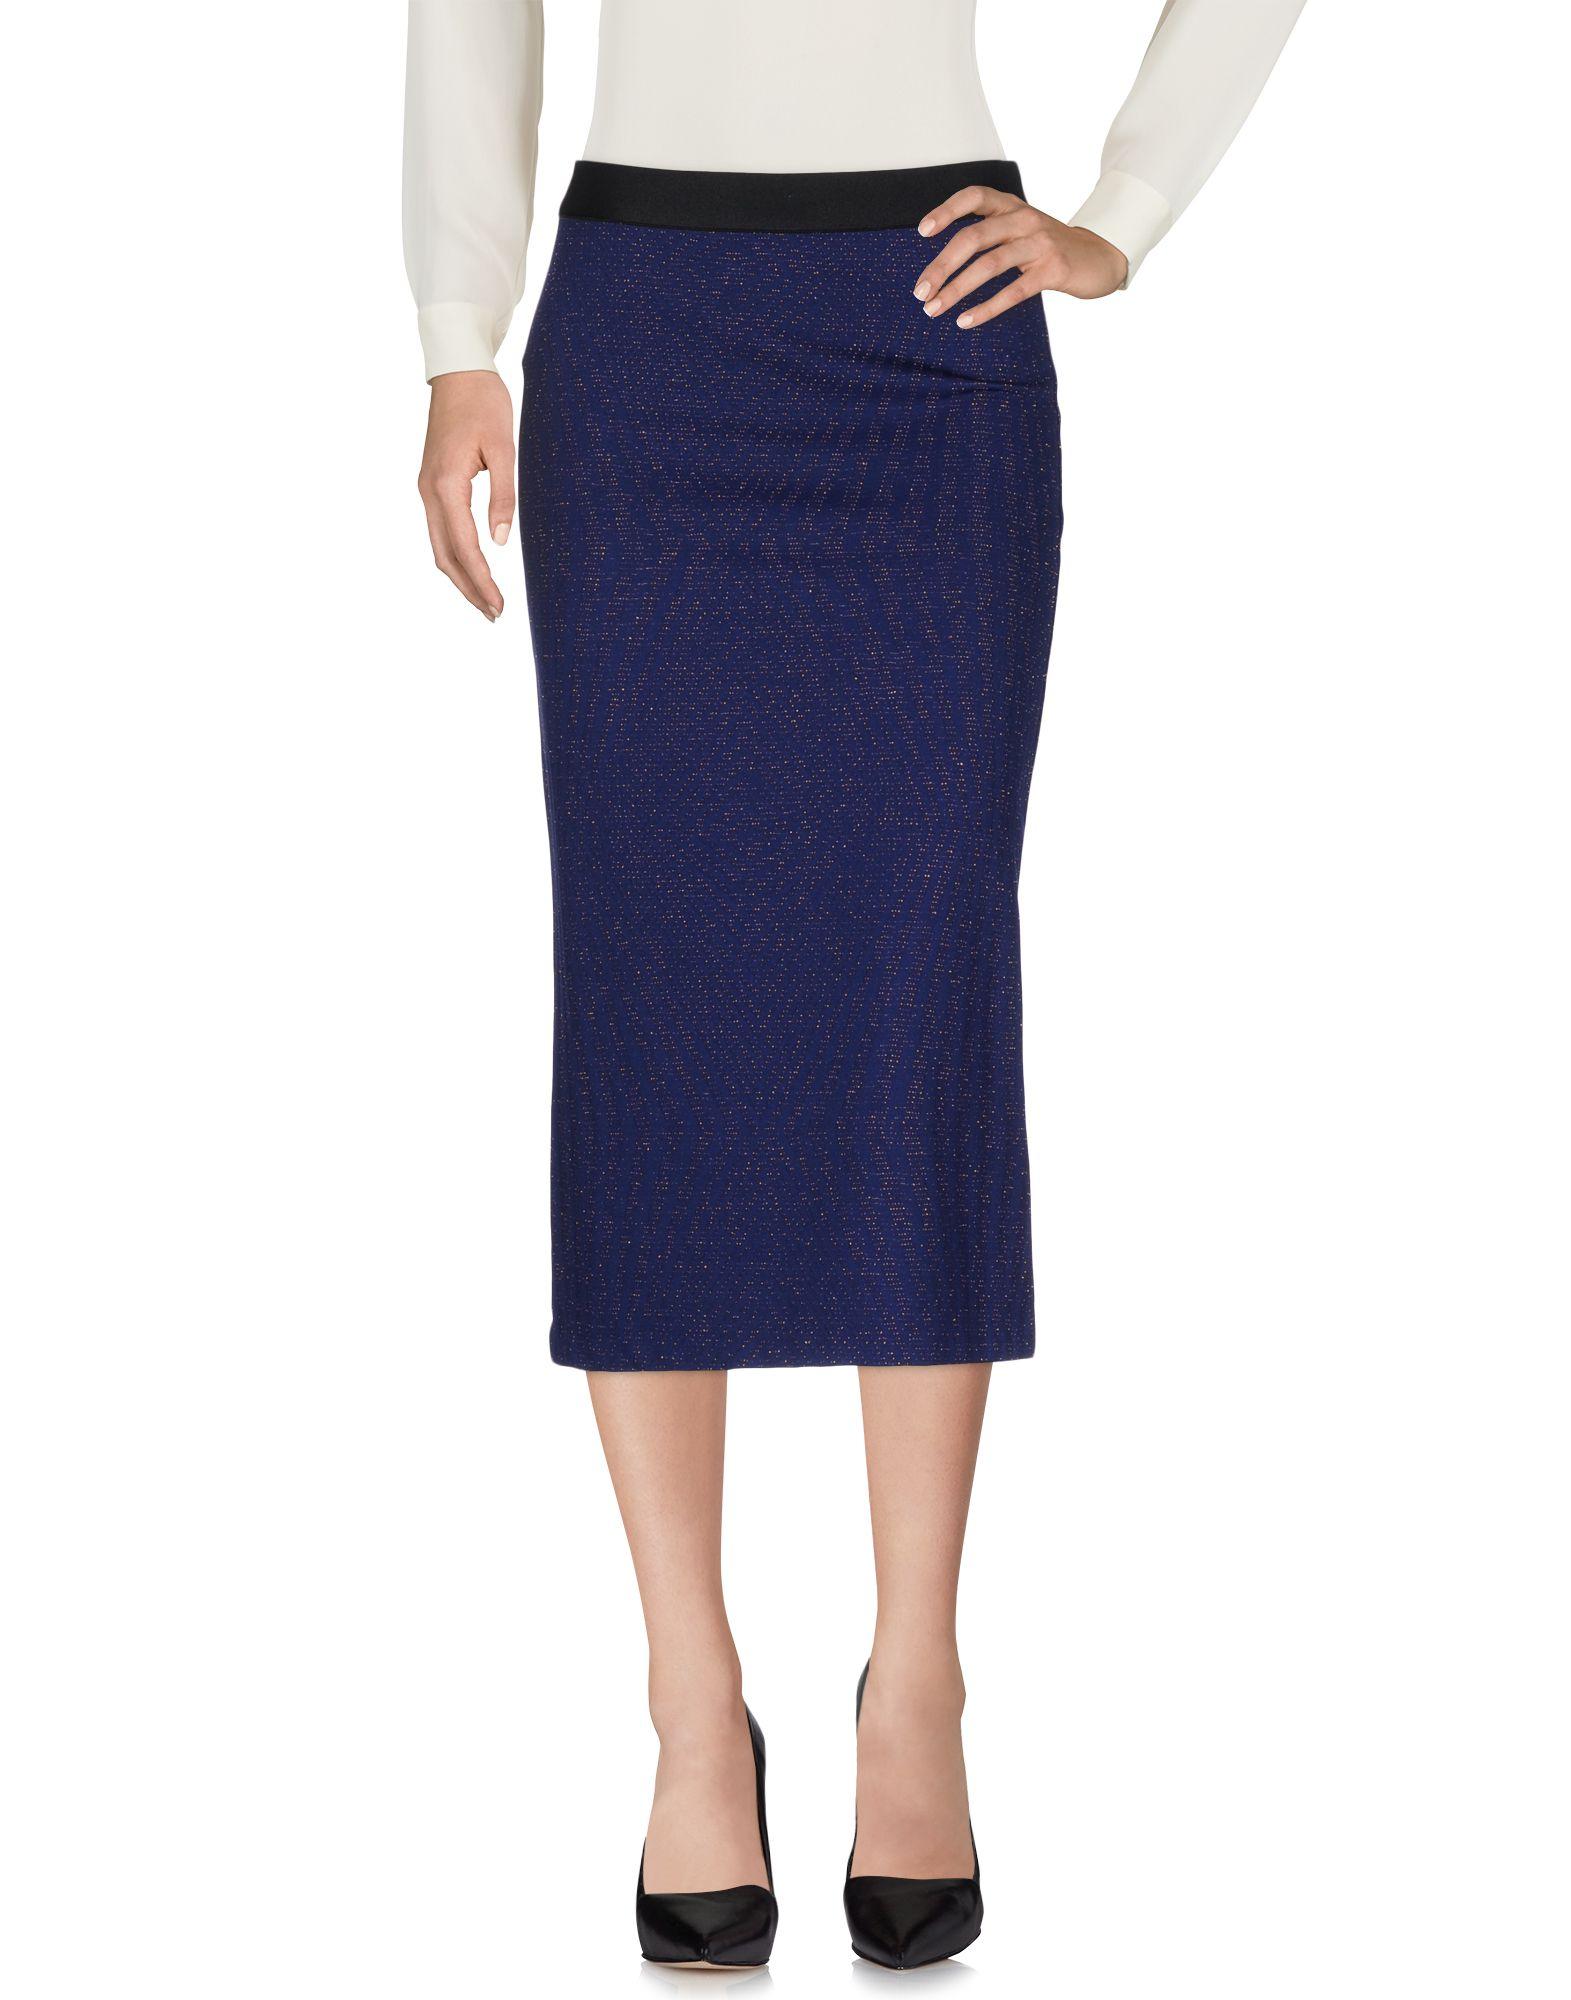 ATTIC AND BARN Юбка длиной 3/4 moschino couture юбка длиной 3 4